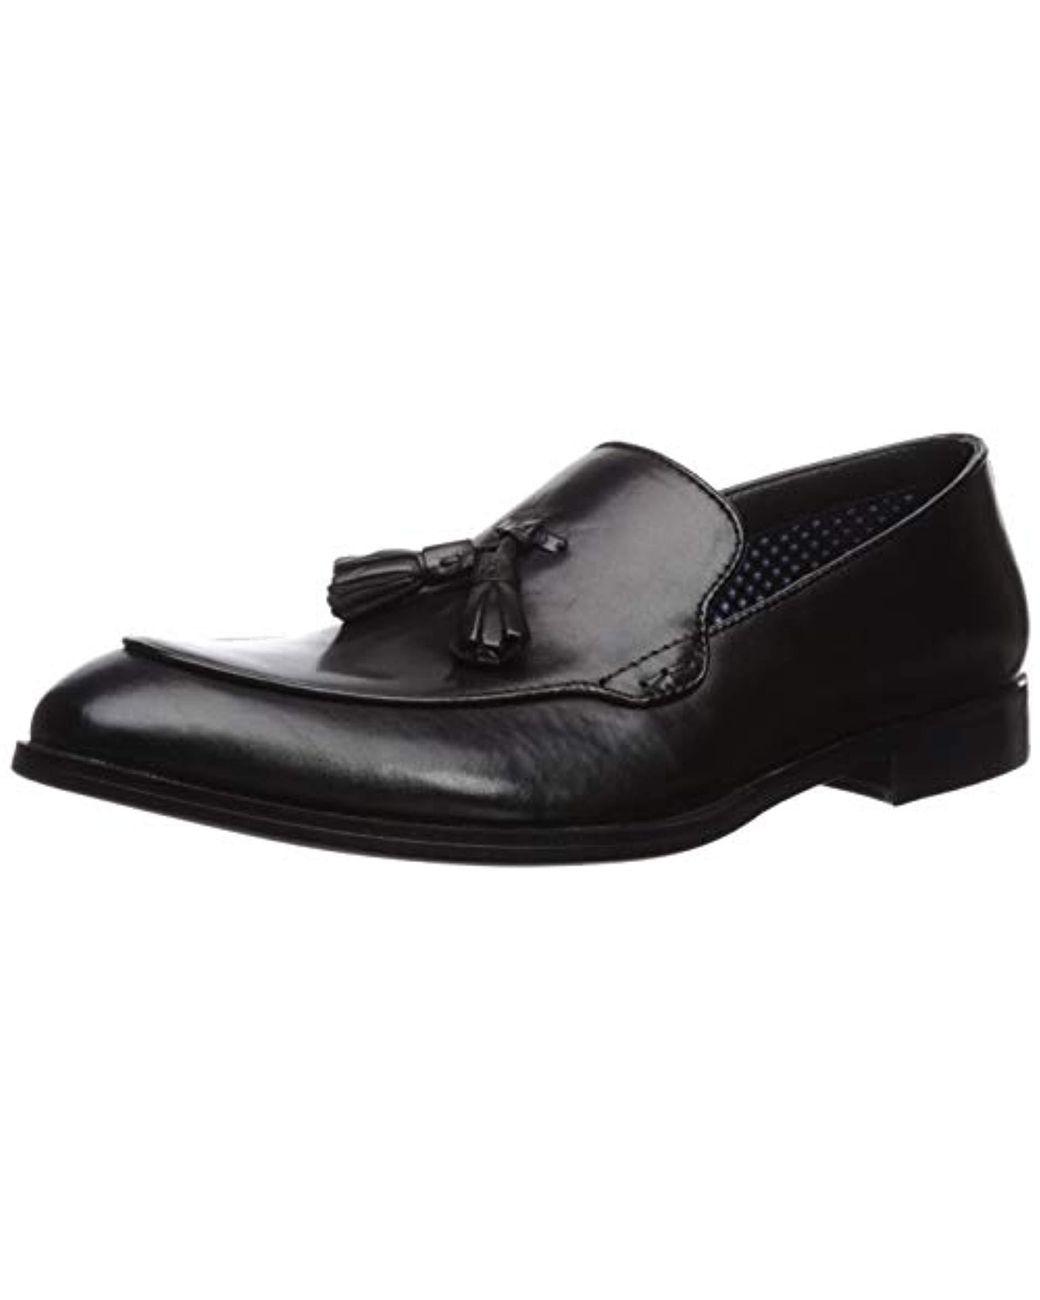 3e6e5772fcc Men's Black Emeree Loafer